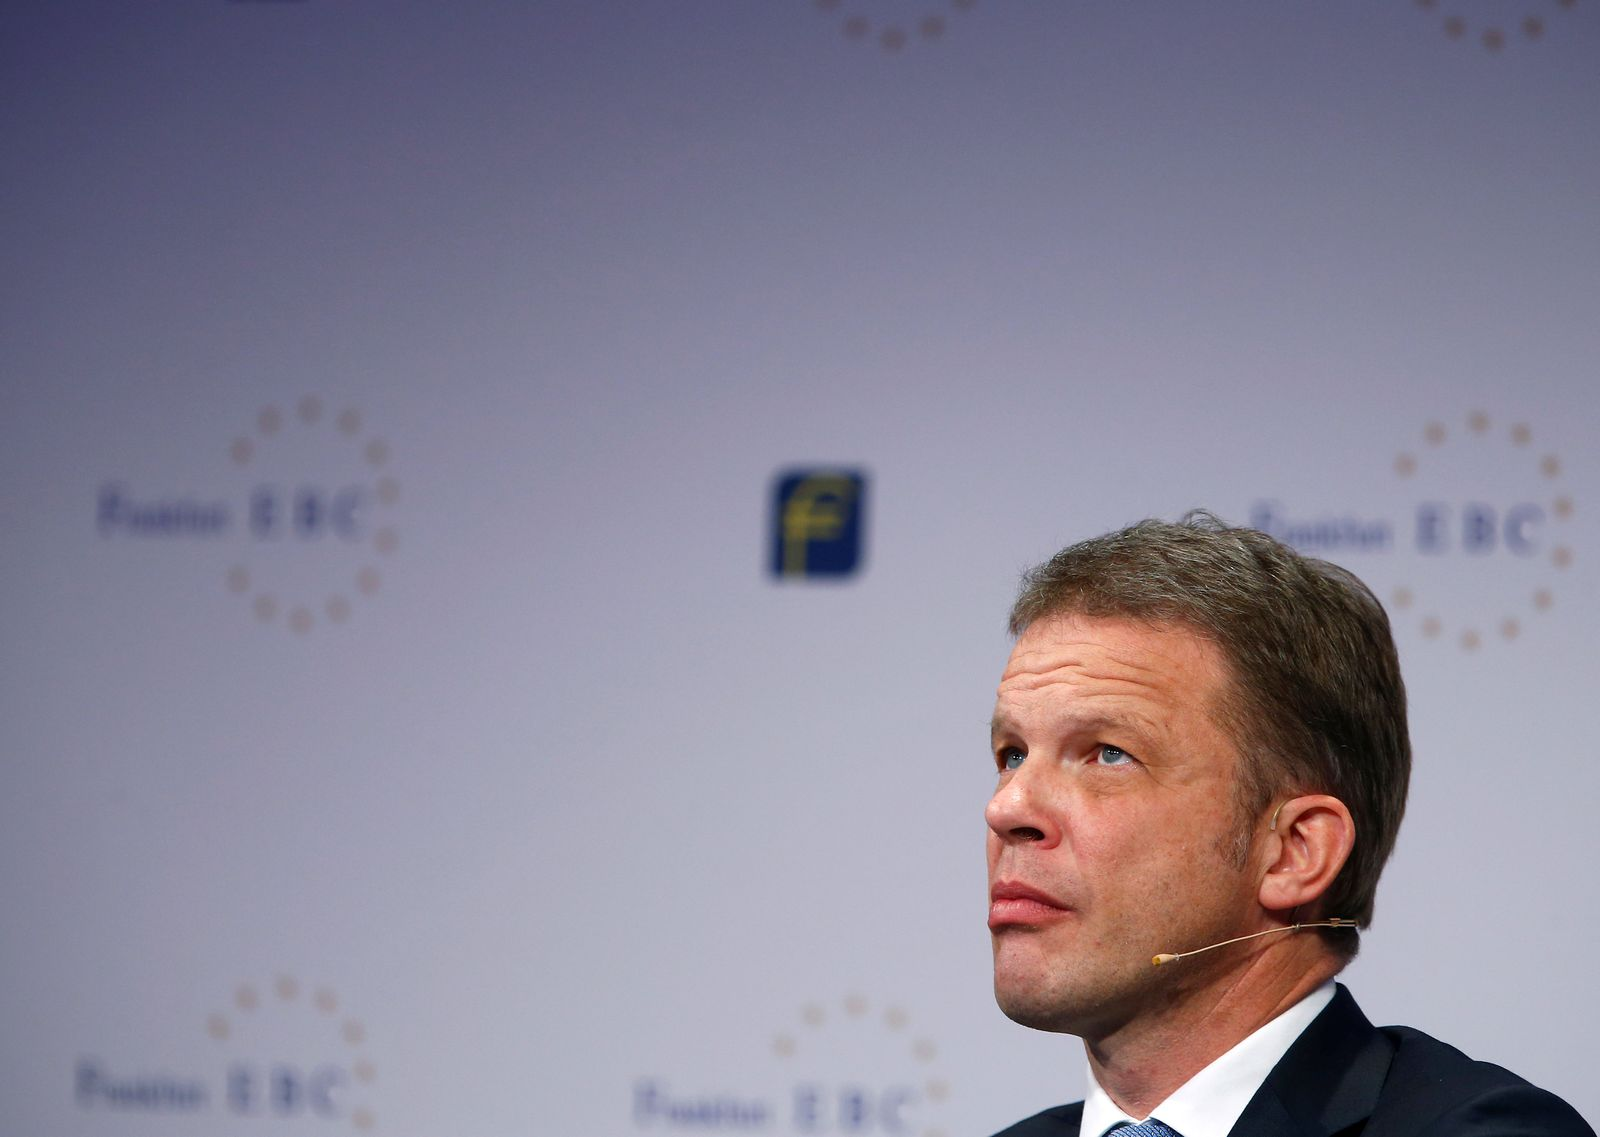 EUROPE-BANKING/